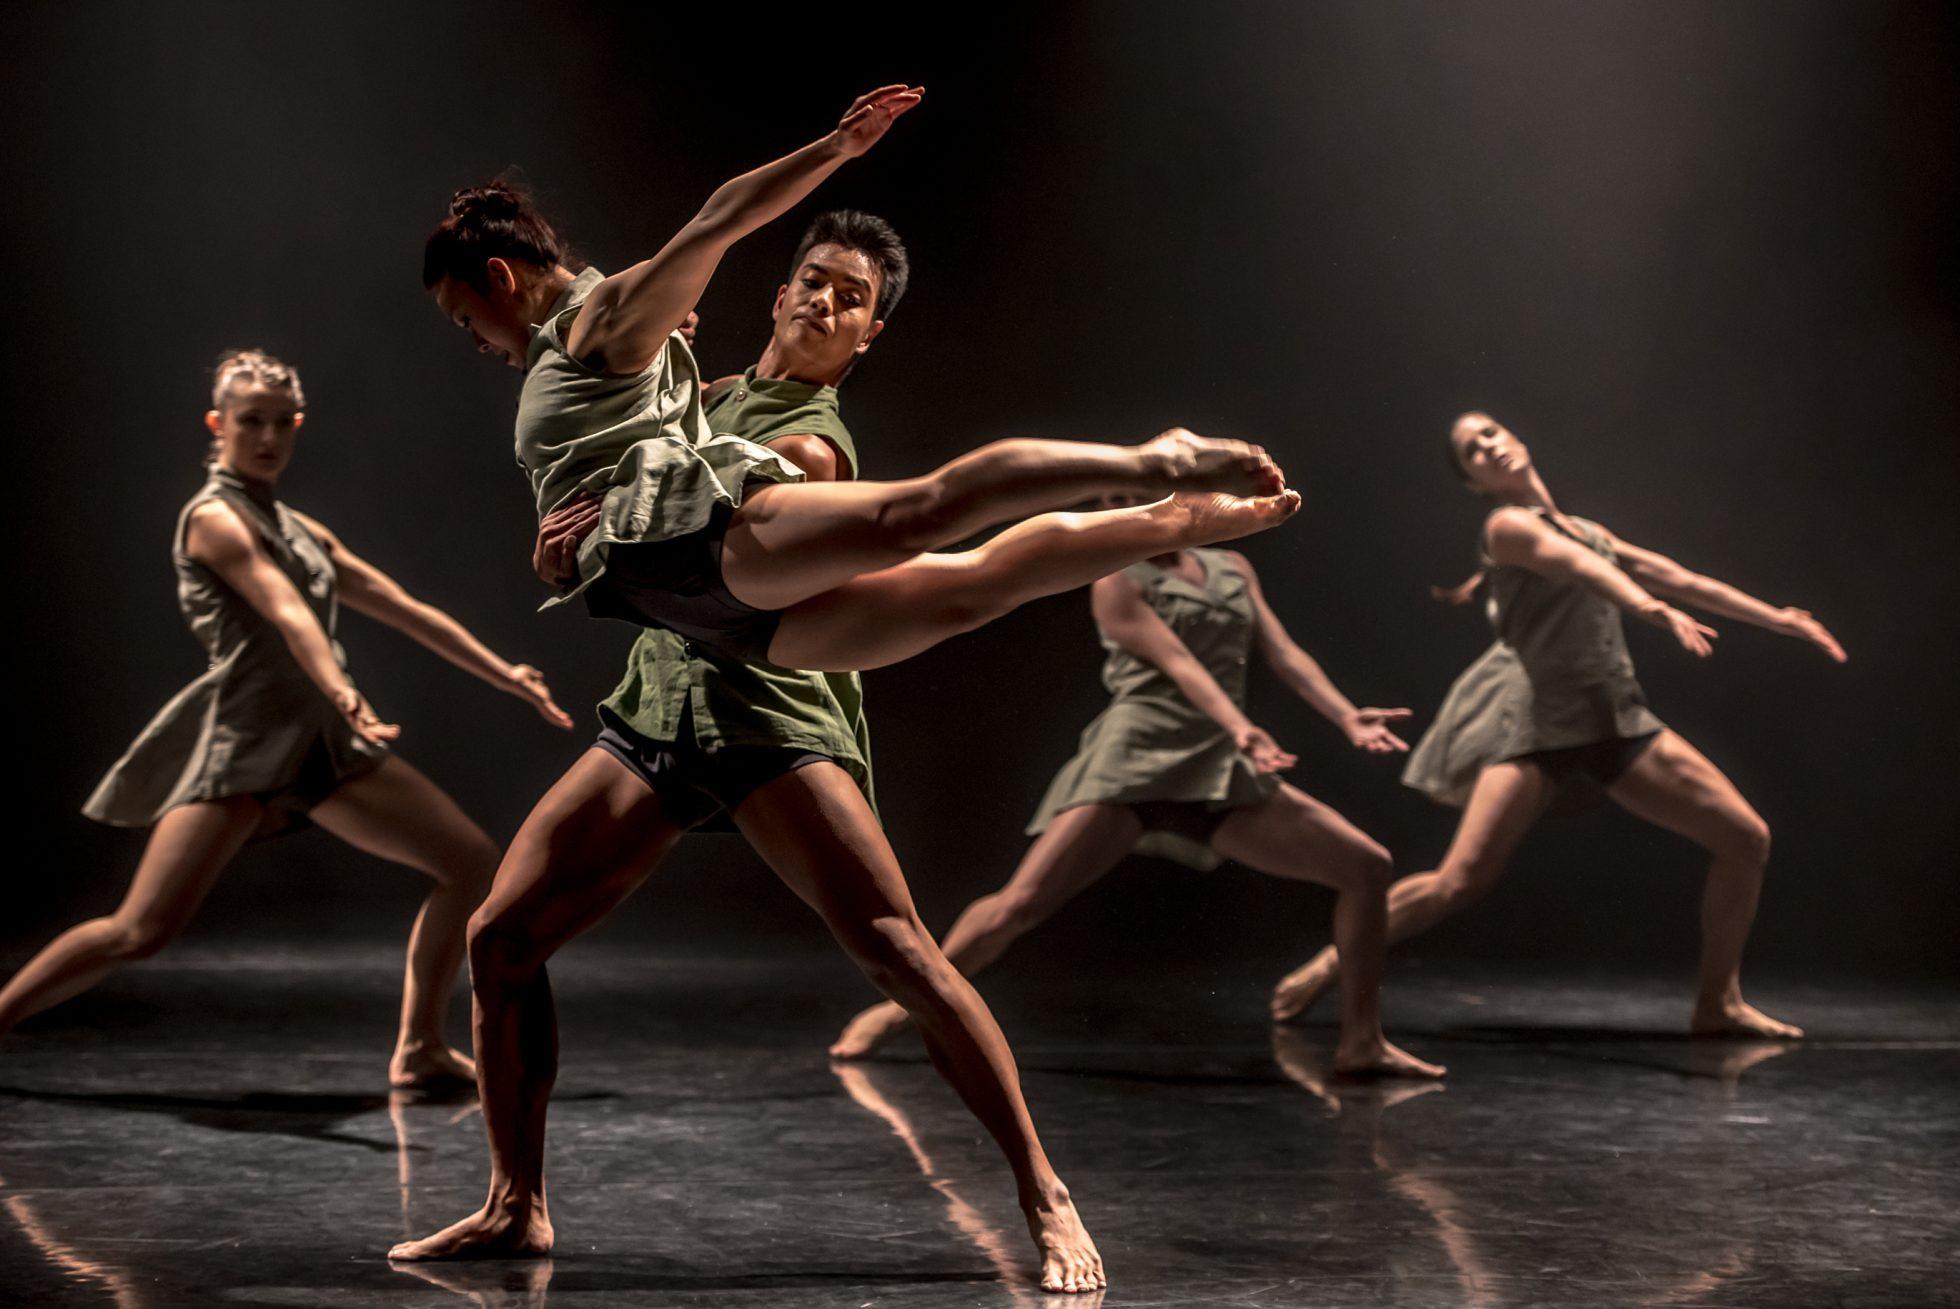 современная хореография фото как быть, если